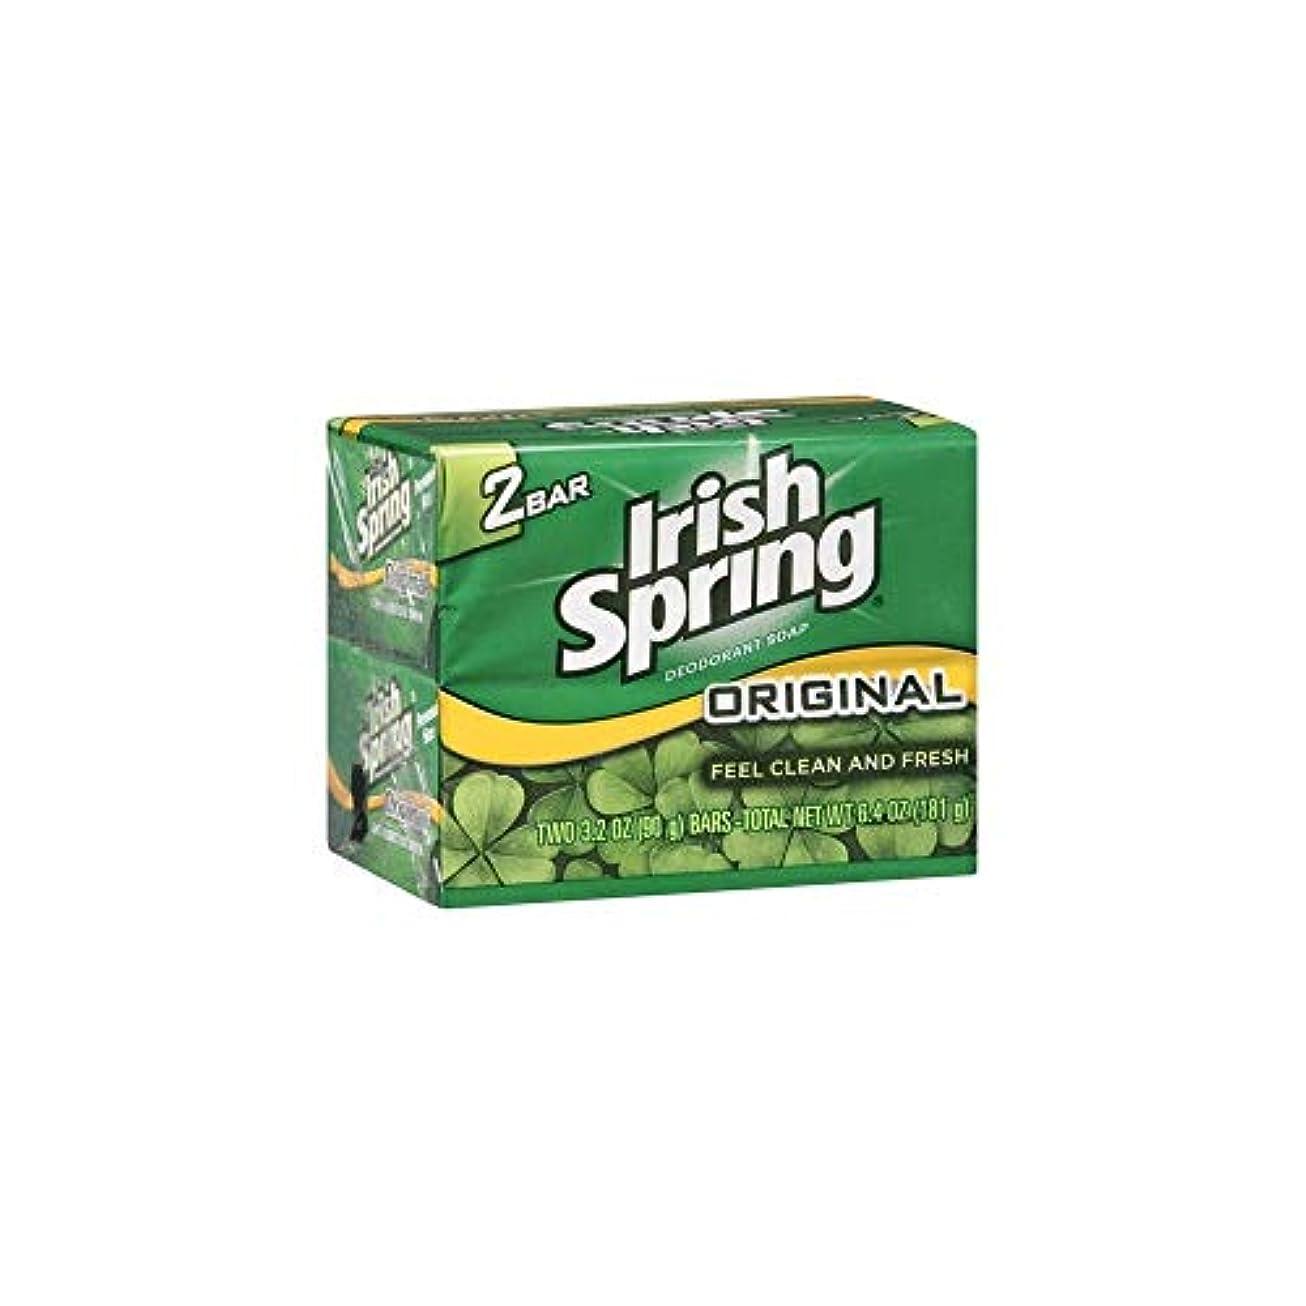 葉っぱ遊び場柔和Irish Spring 石鹸3.2オズバー 4つのバー